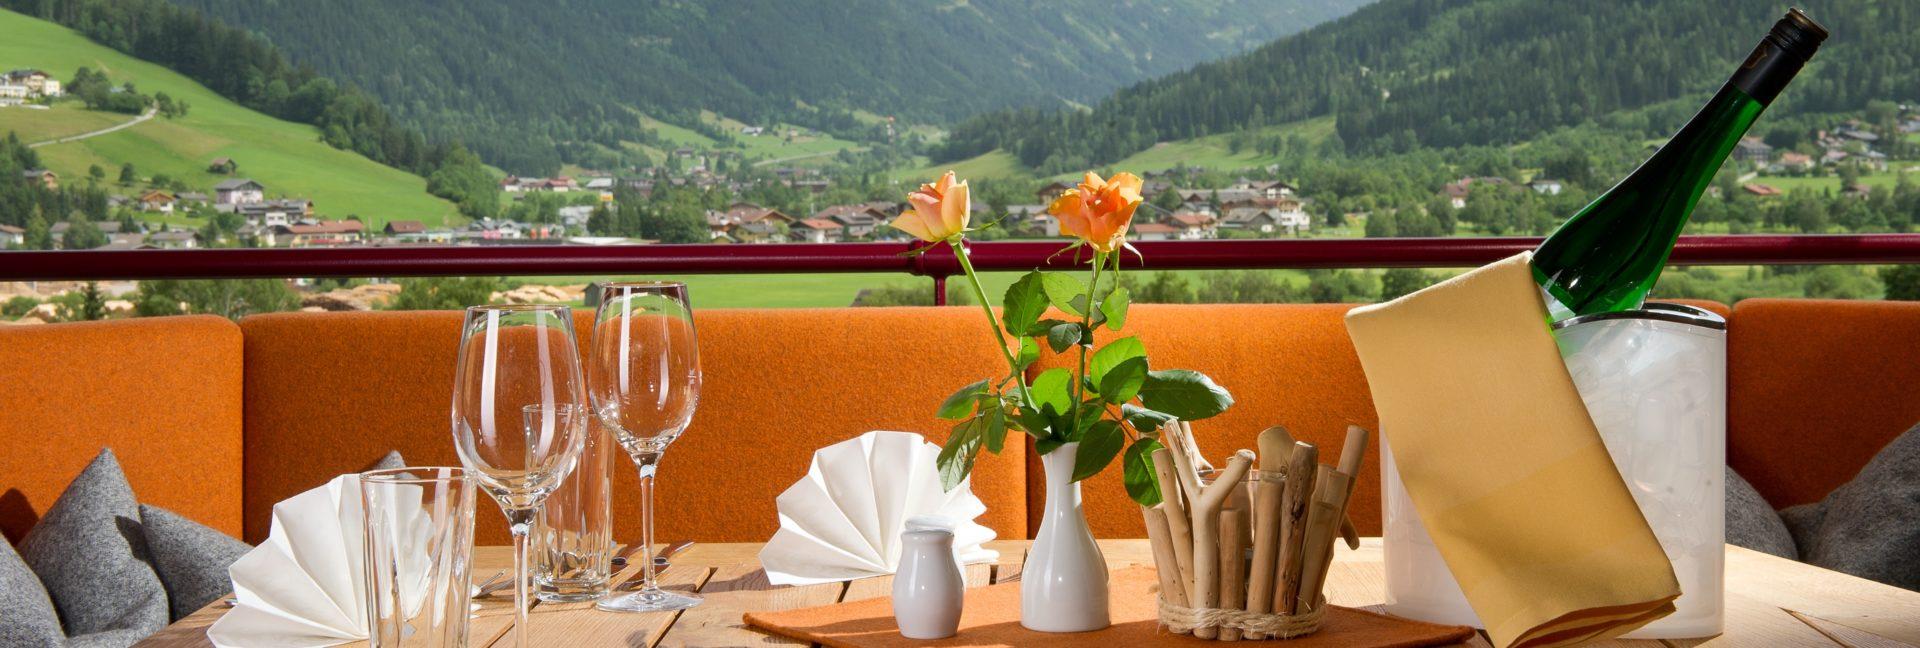 """Der Stegerbräu Gastgarten mit übrerdachter Terrasse, beheizter Laube und schönem Ausbllick lädt zum """"Hock'n bleiben"""" ein"""